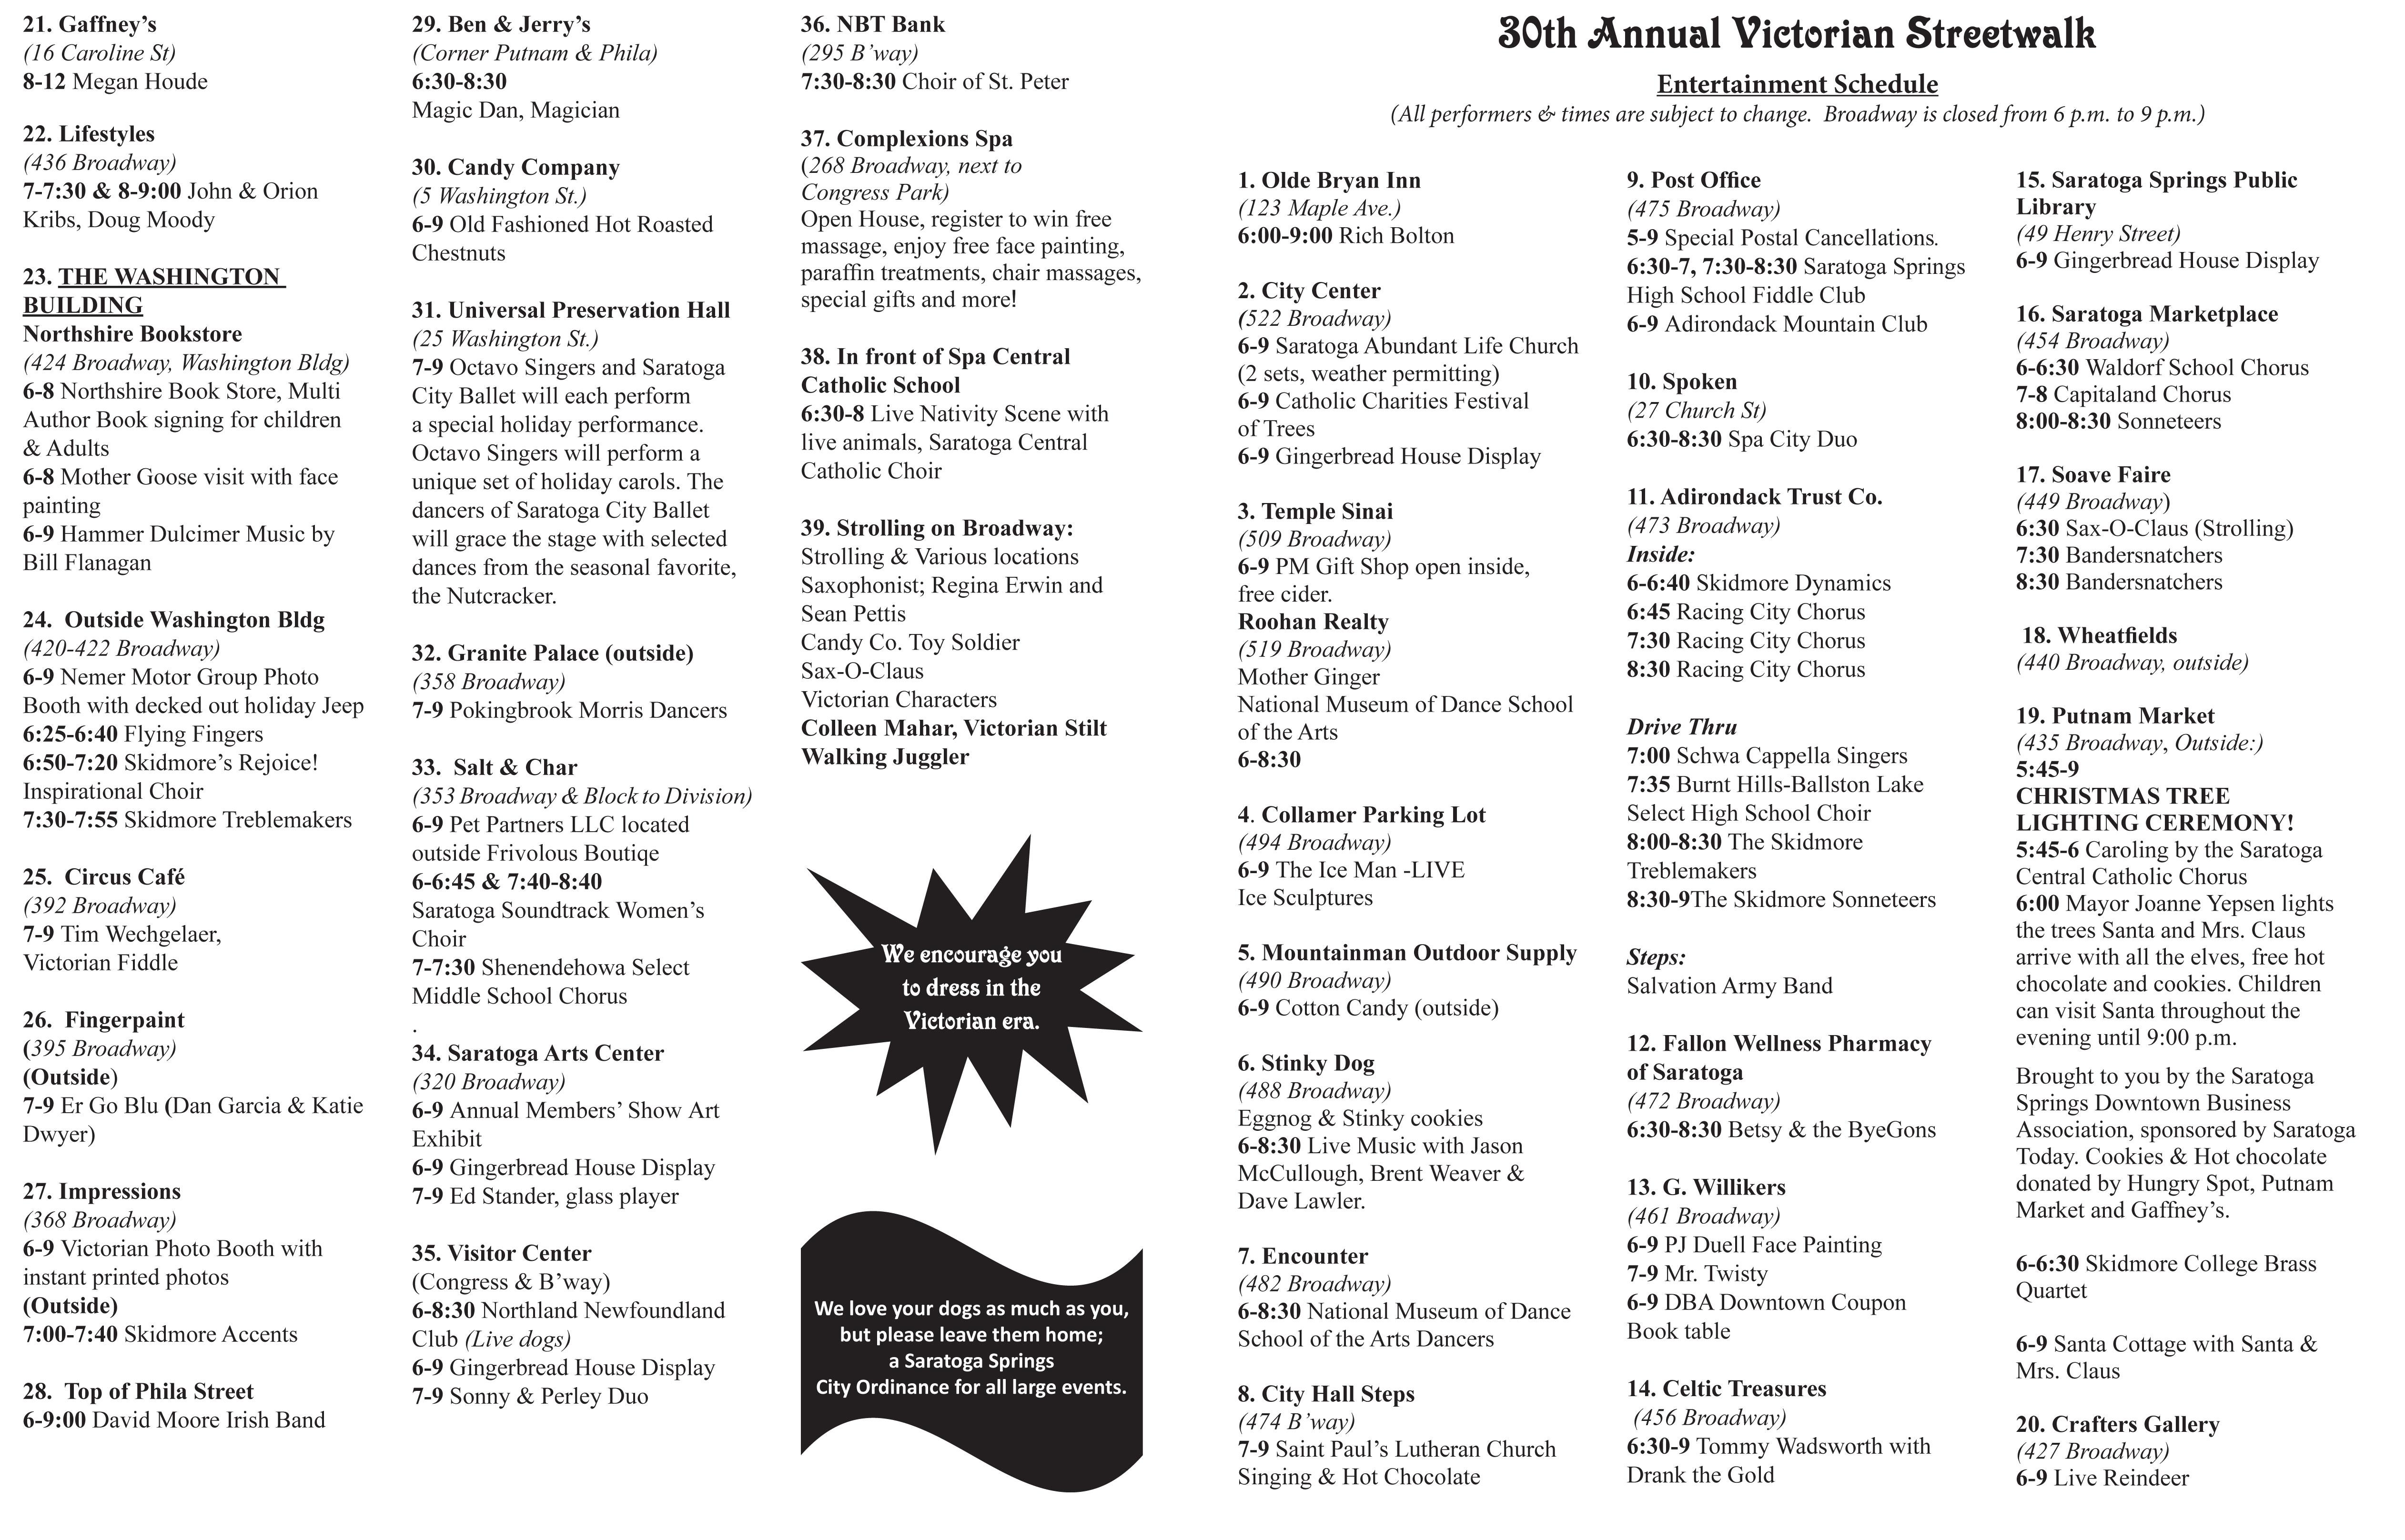 Victorian Streetwalk Schedule 2016